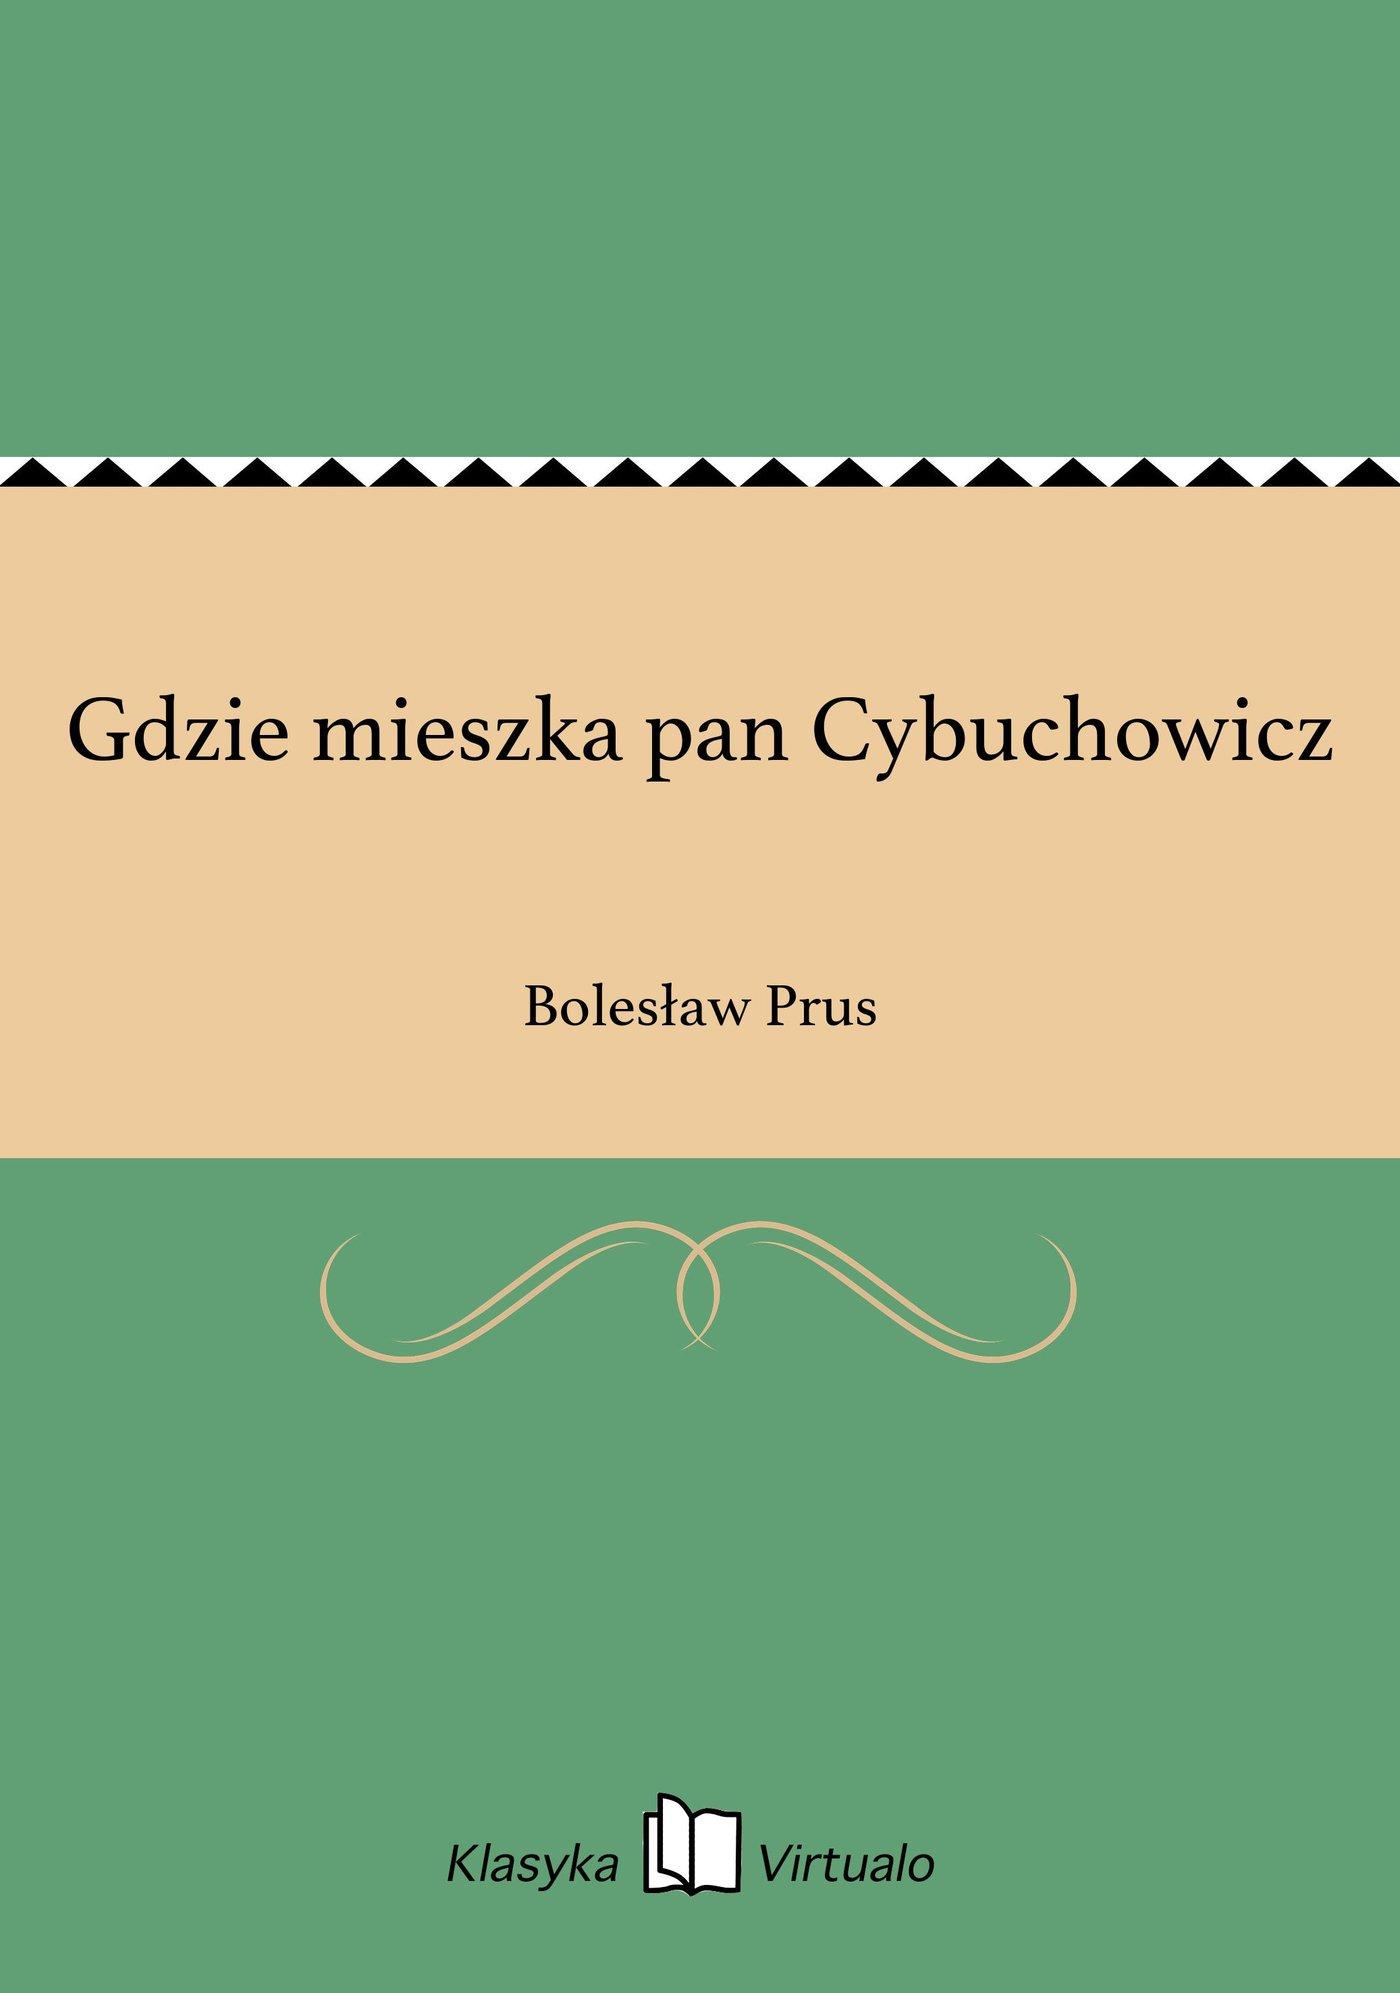 Gdzie mieszka pan Cybuchowicz - Ebook (Książka EPUB) do pobrania w formacie EPUB